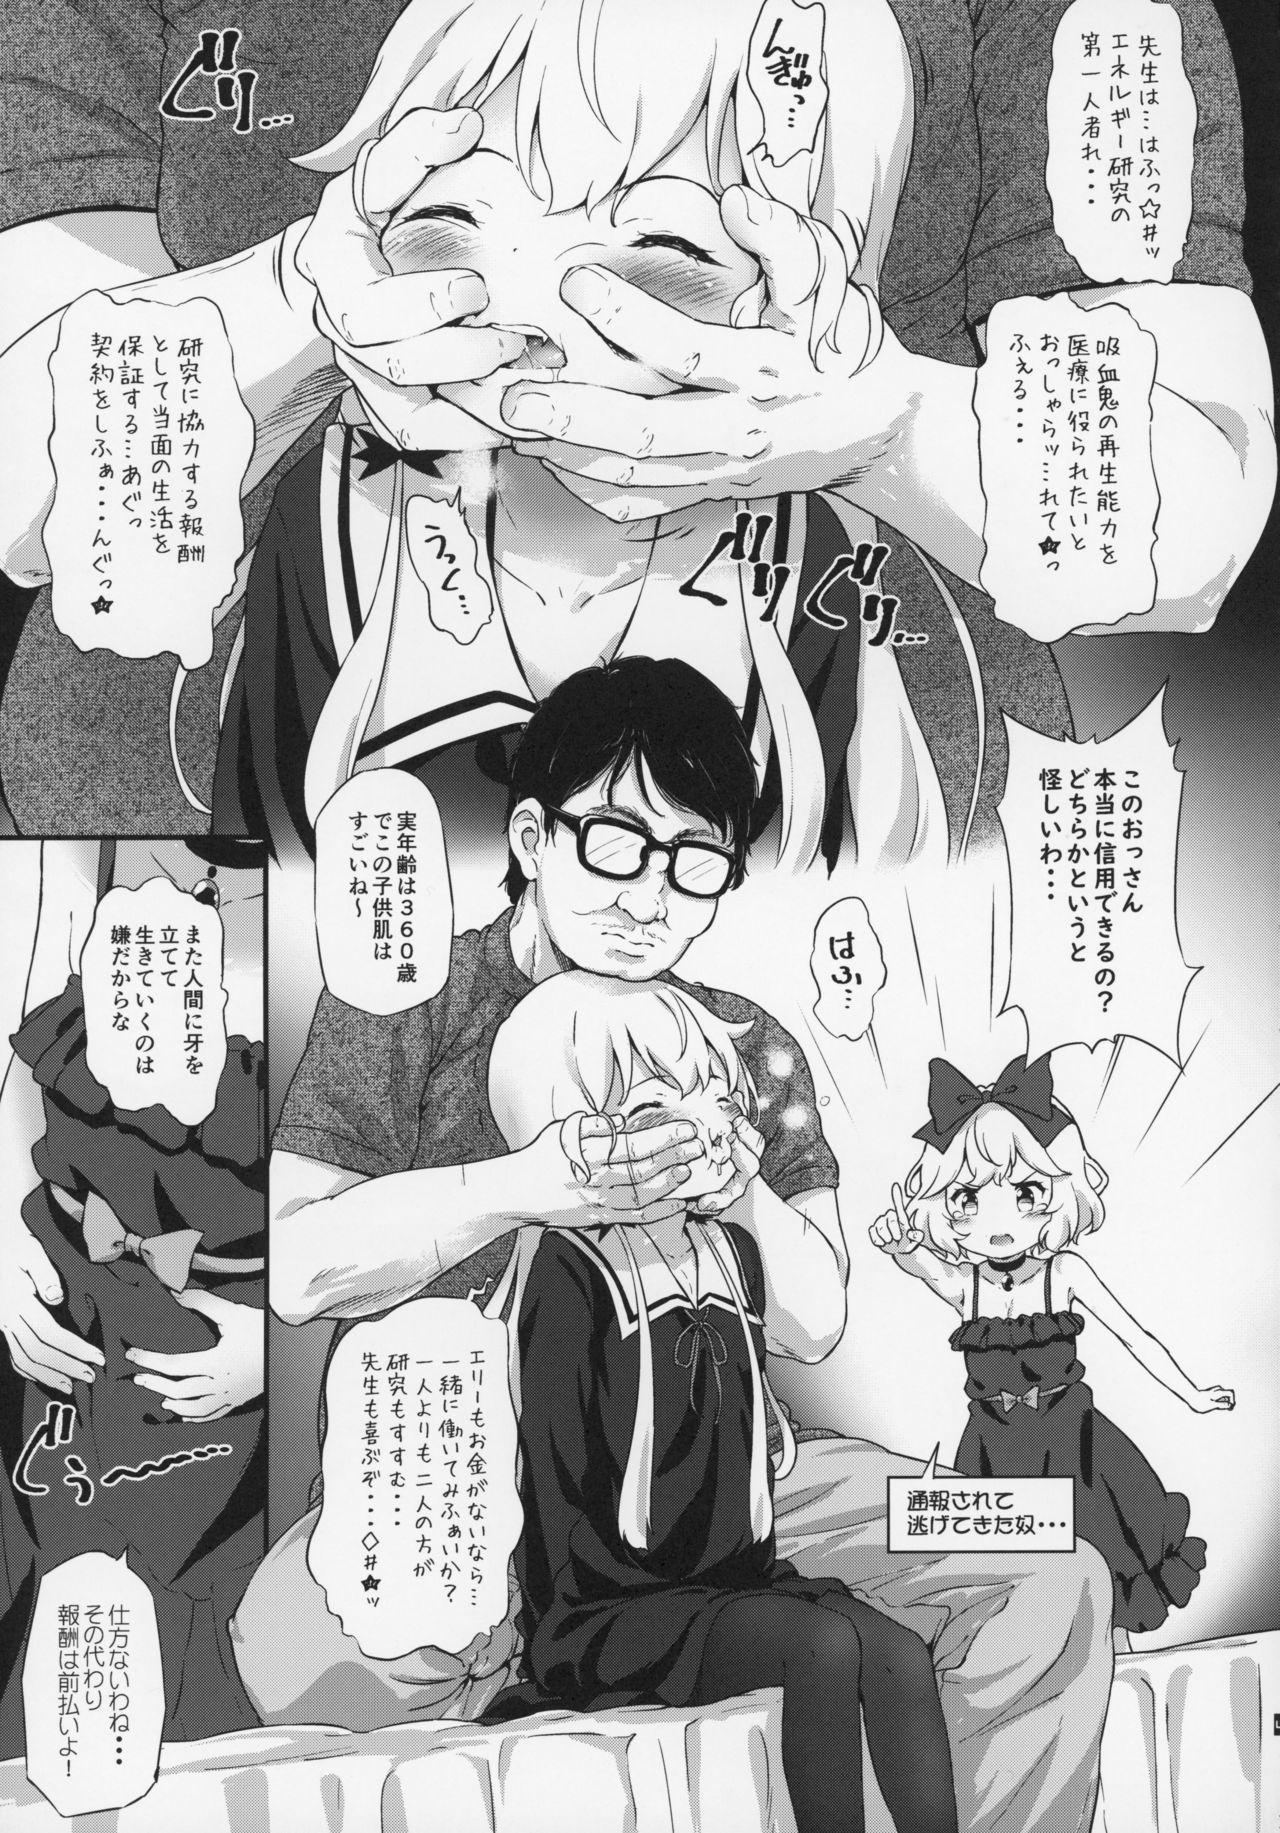 Toro Musume 19 Kyuuketsuki-san Hasan Shimashita! Kanzenban 5